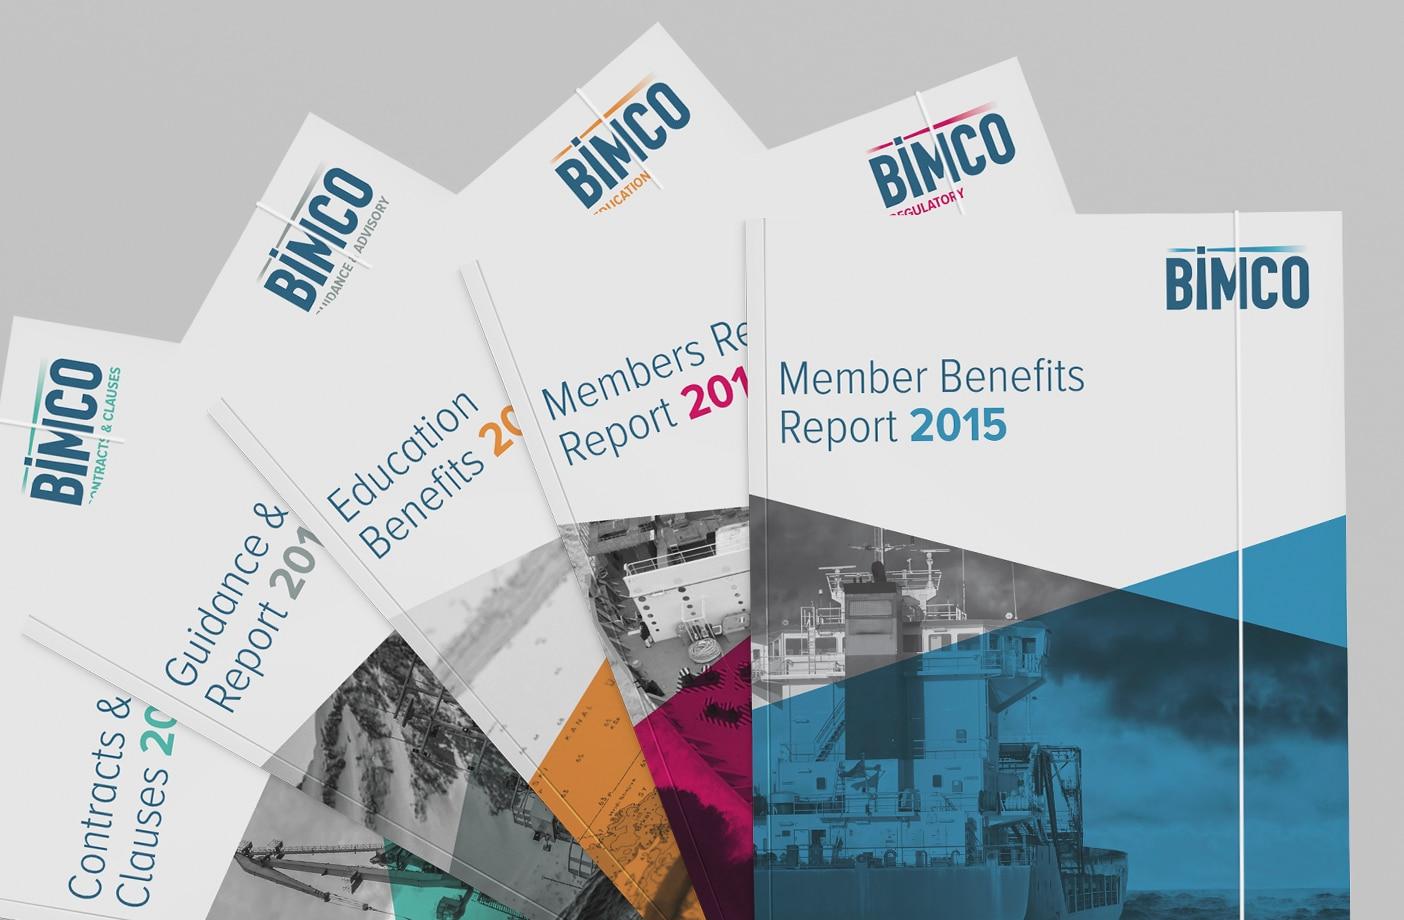 BIMCO-Brochures